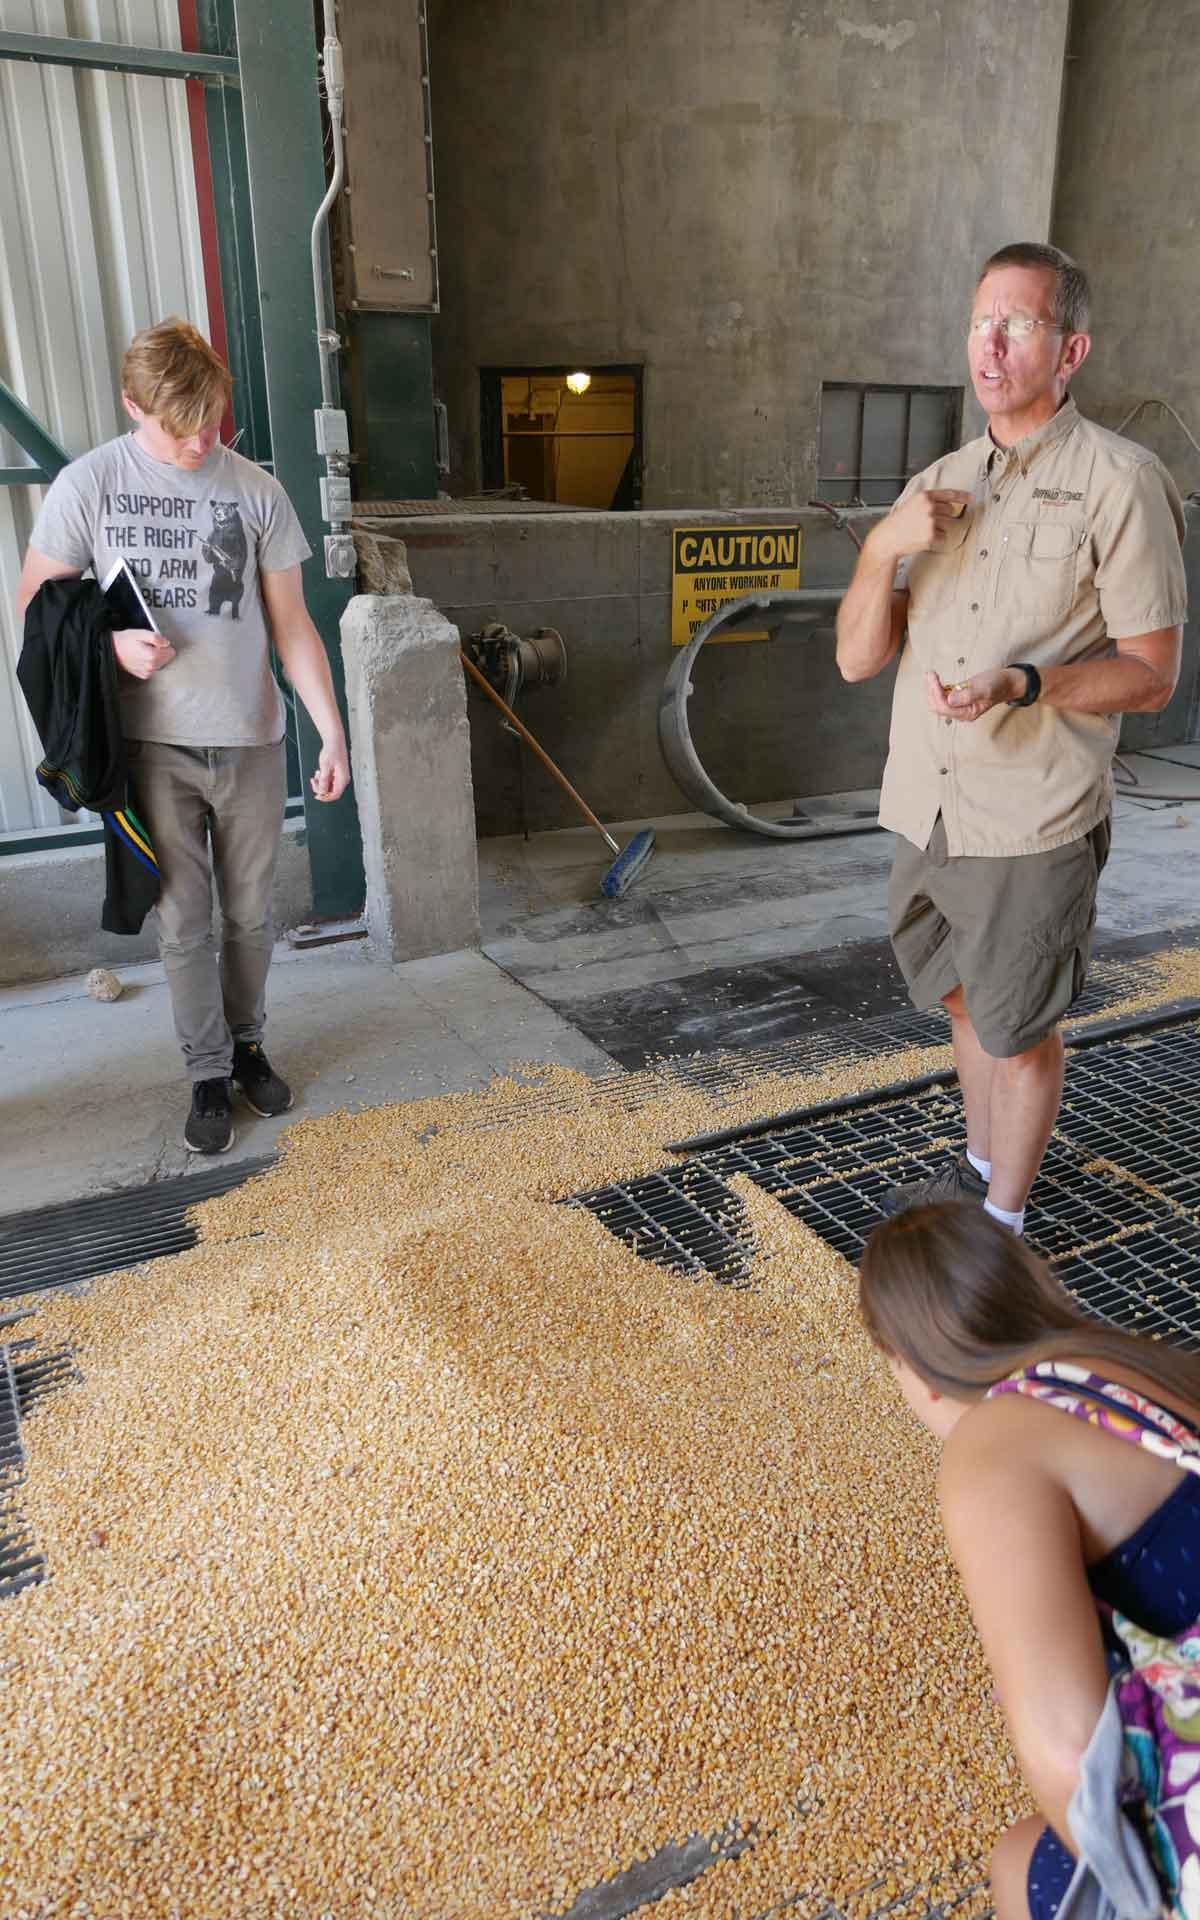 """Malt Whisky-Redakteur im Gespräch mit Lee von Buffalo Trace während eines Destillerie-Besuchs: """"Corn plays the major role in the mash bill of bourbon whiskey, but we also use rye and malted barley in our mash bill."""" (Foto: Malt Whisky)"""